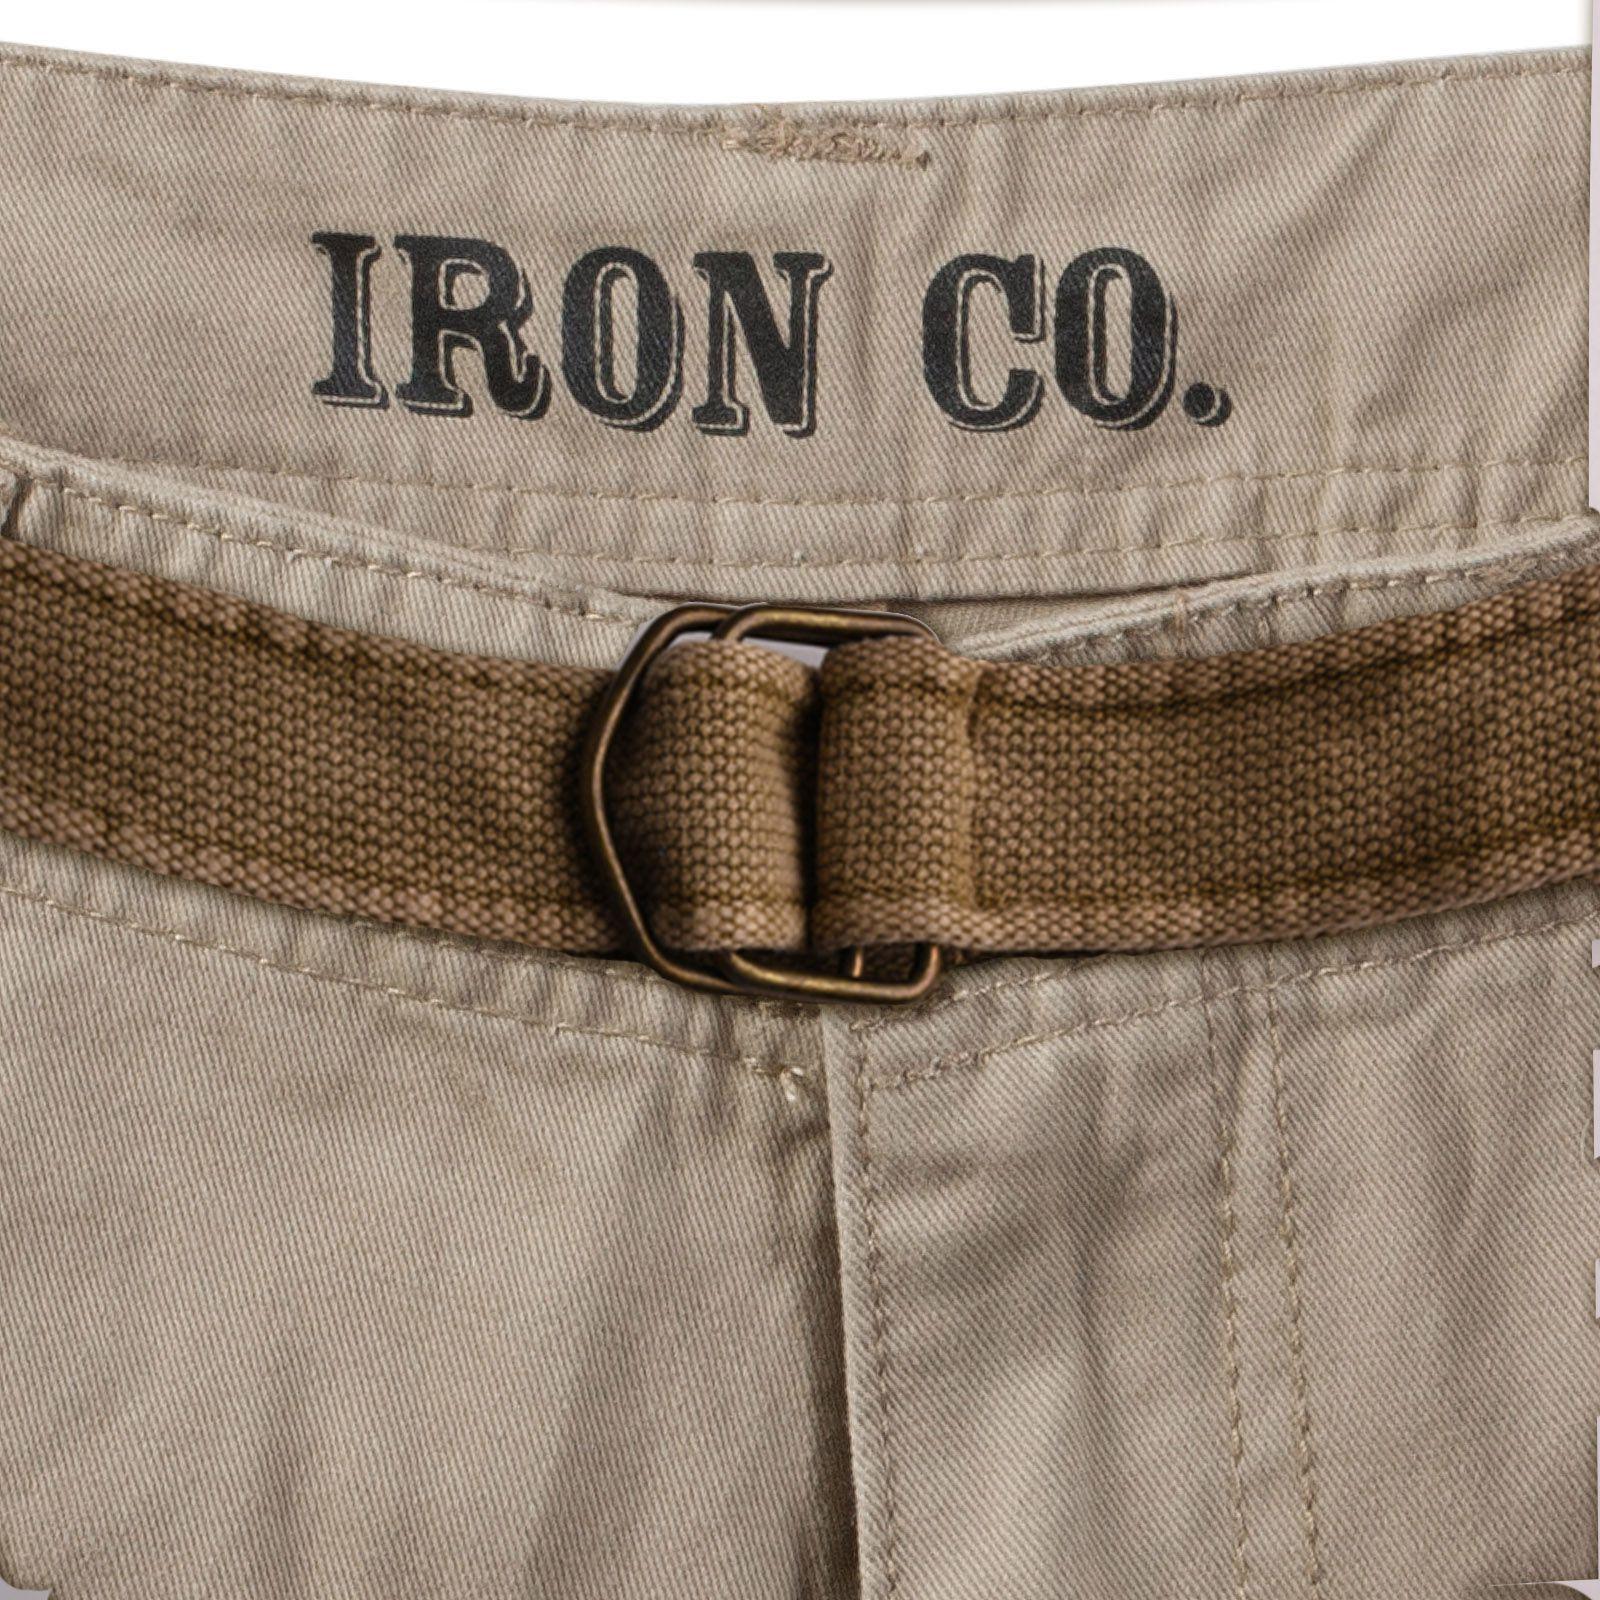 Заказать шорты с текстильным ремнем